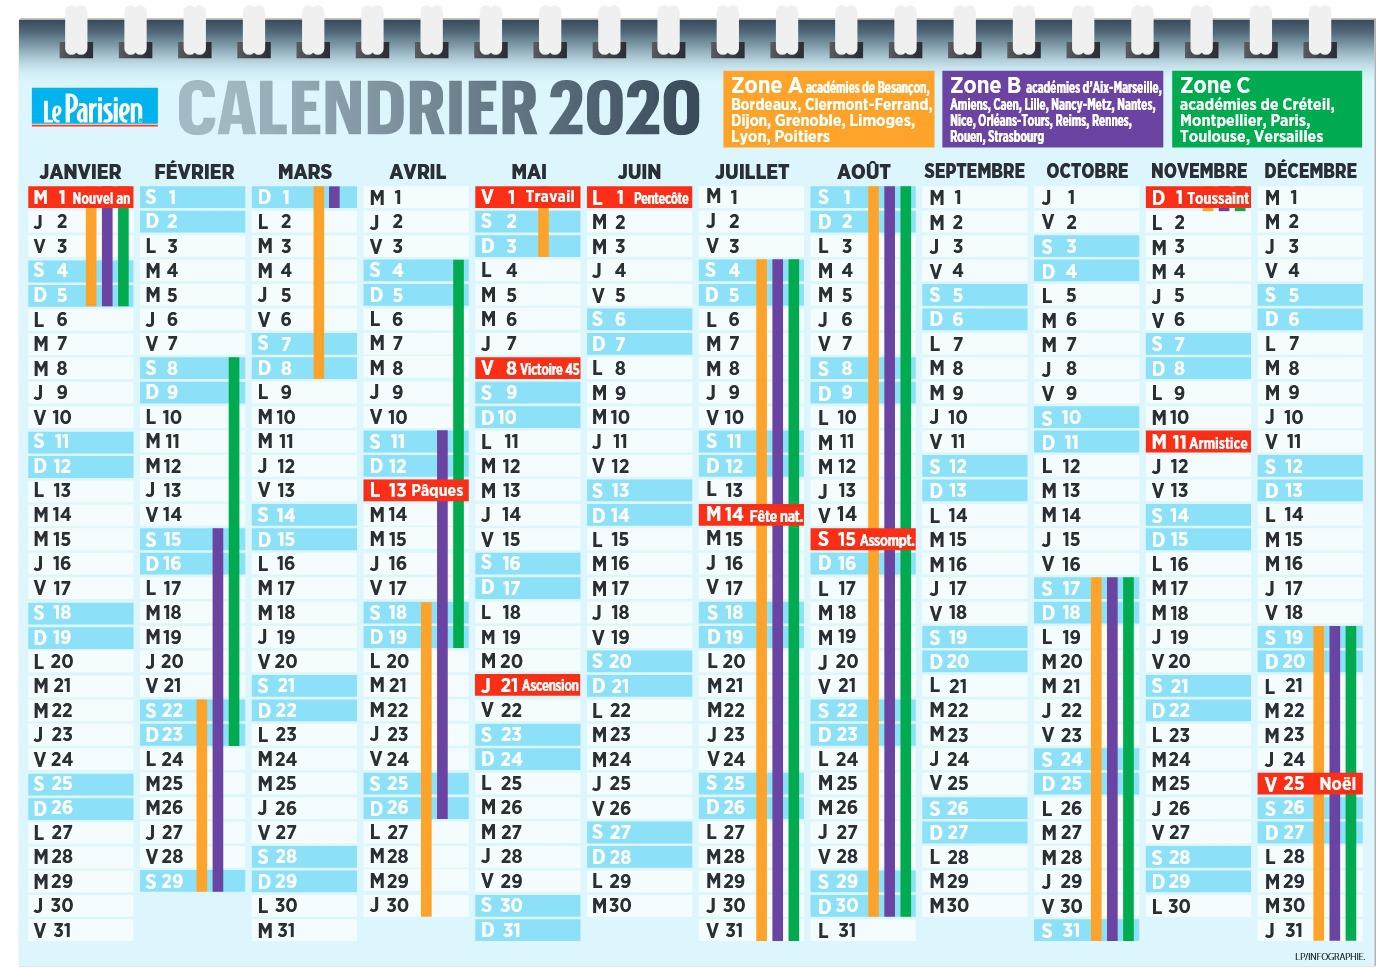 Dates Des Vacances 2019 / 2020 De La Rentrée 2020 - Pratique à Calendrier 2019 Avec Jours Fériés Vacances Scolaires À Imprimer